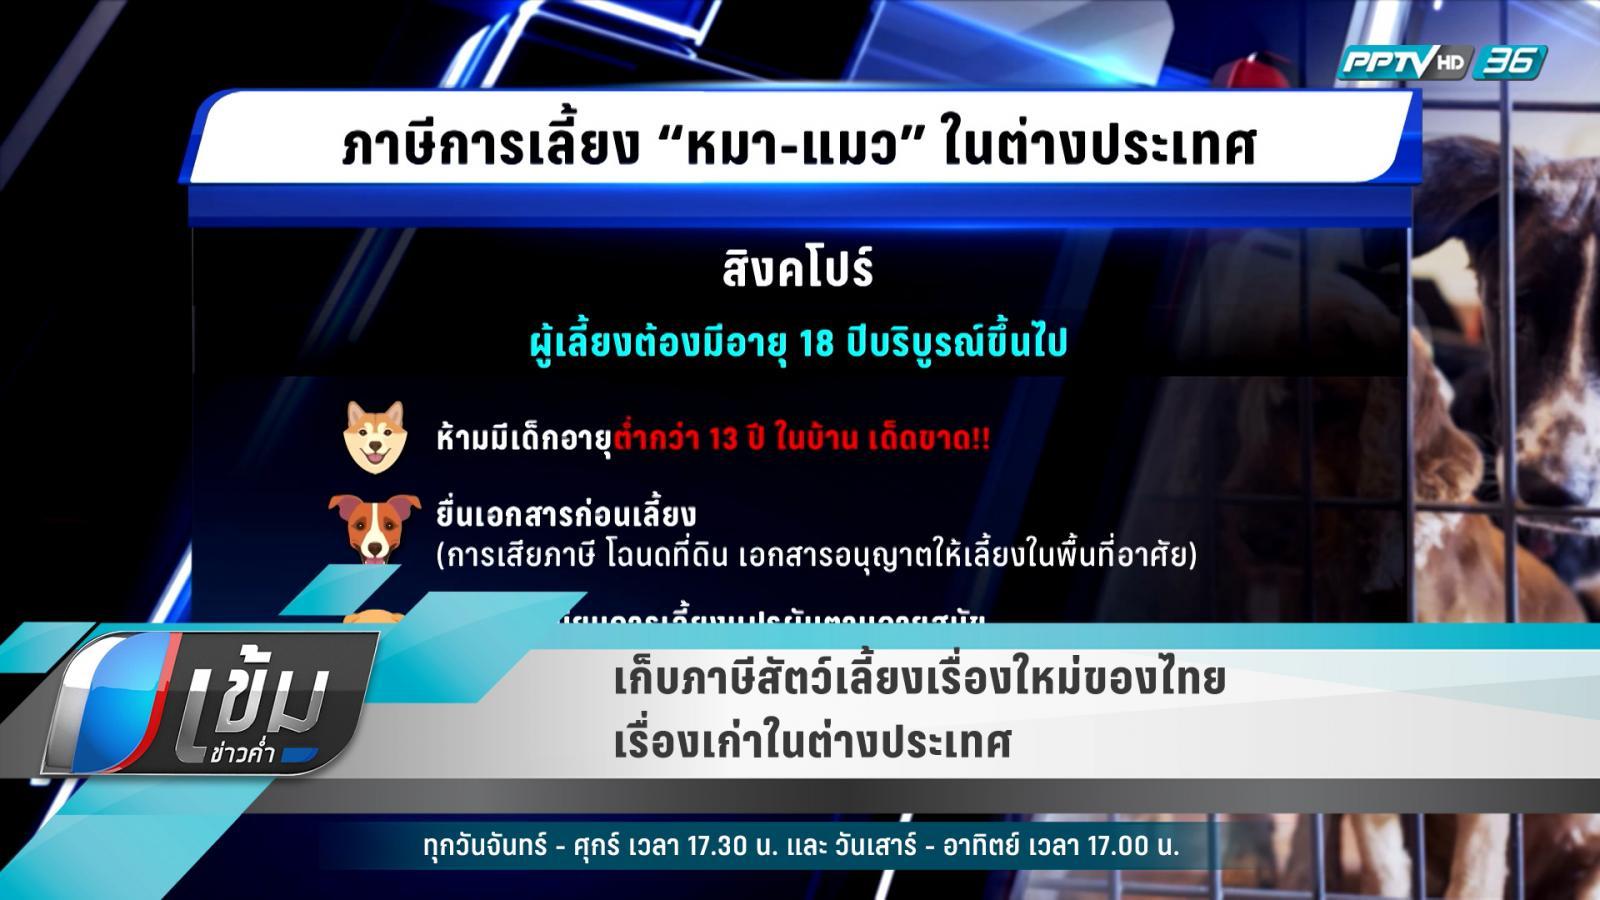 เก็บภาษีสัตว์เลี้ยงเรื่องใหม่ของไทย เรื่องเก่าในต่างประเทศ